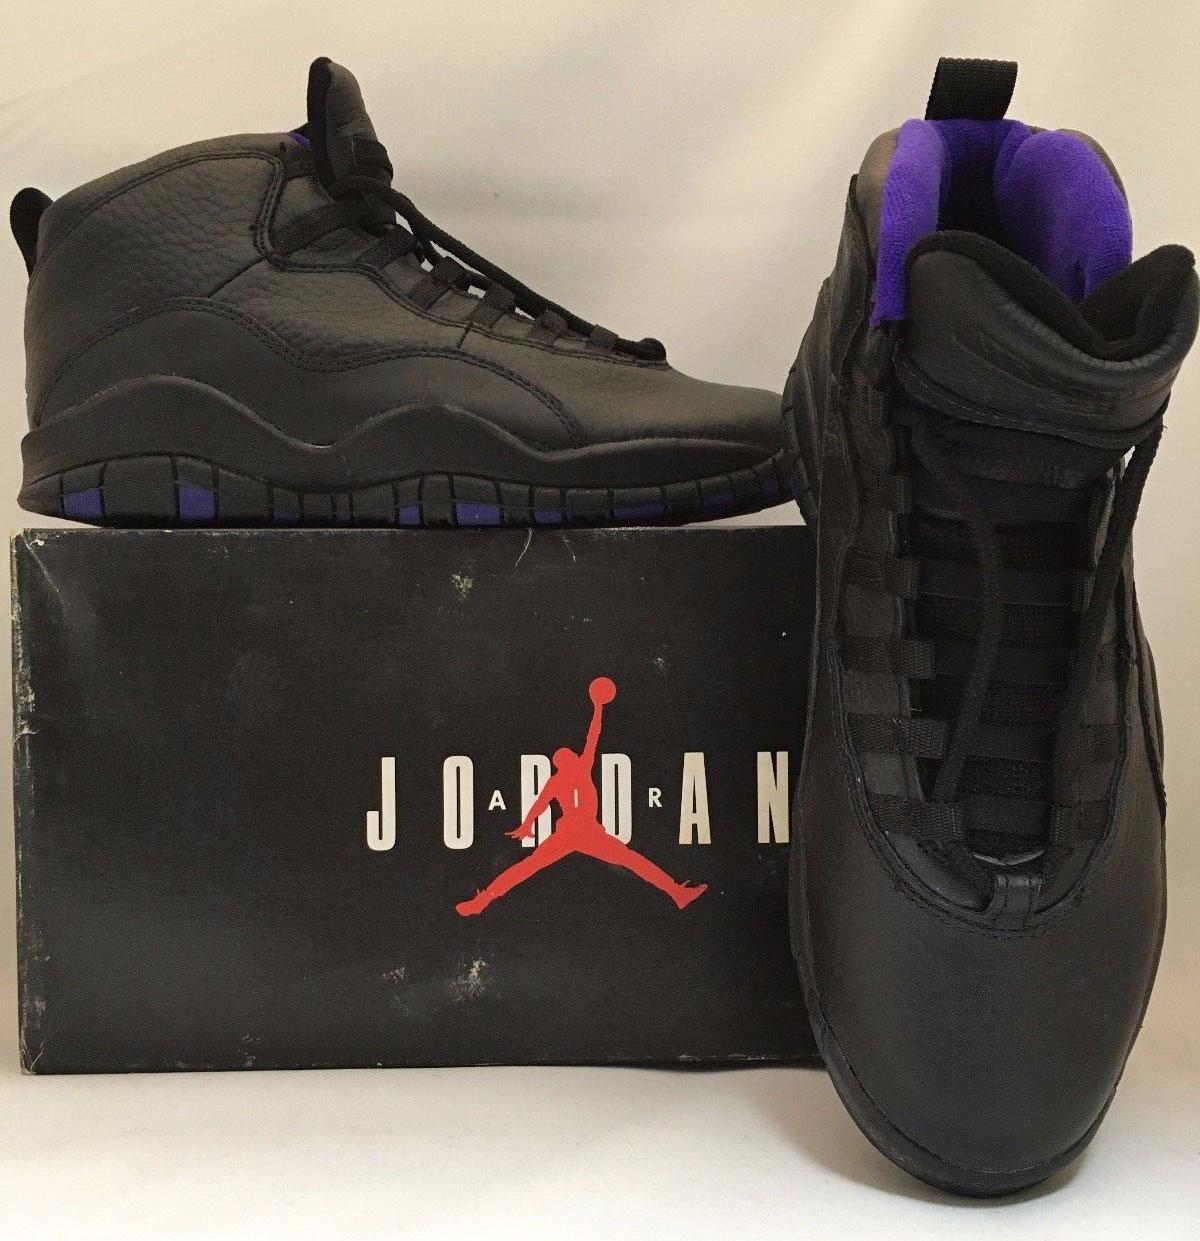 Rare Look At Air Jordan 10